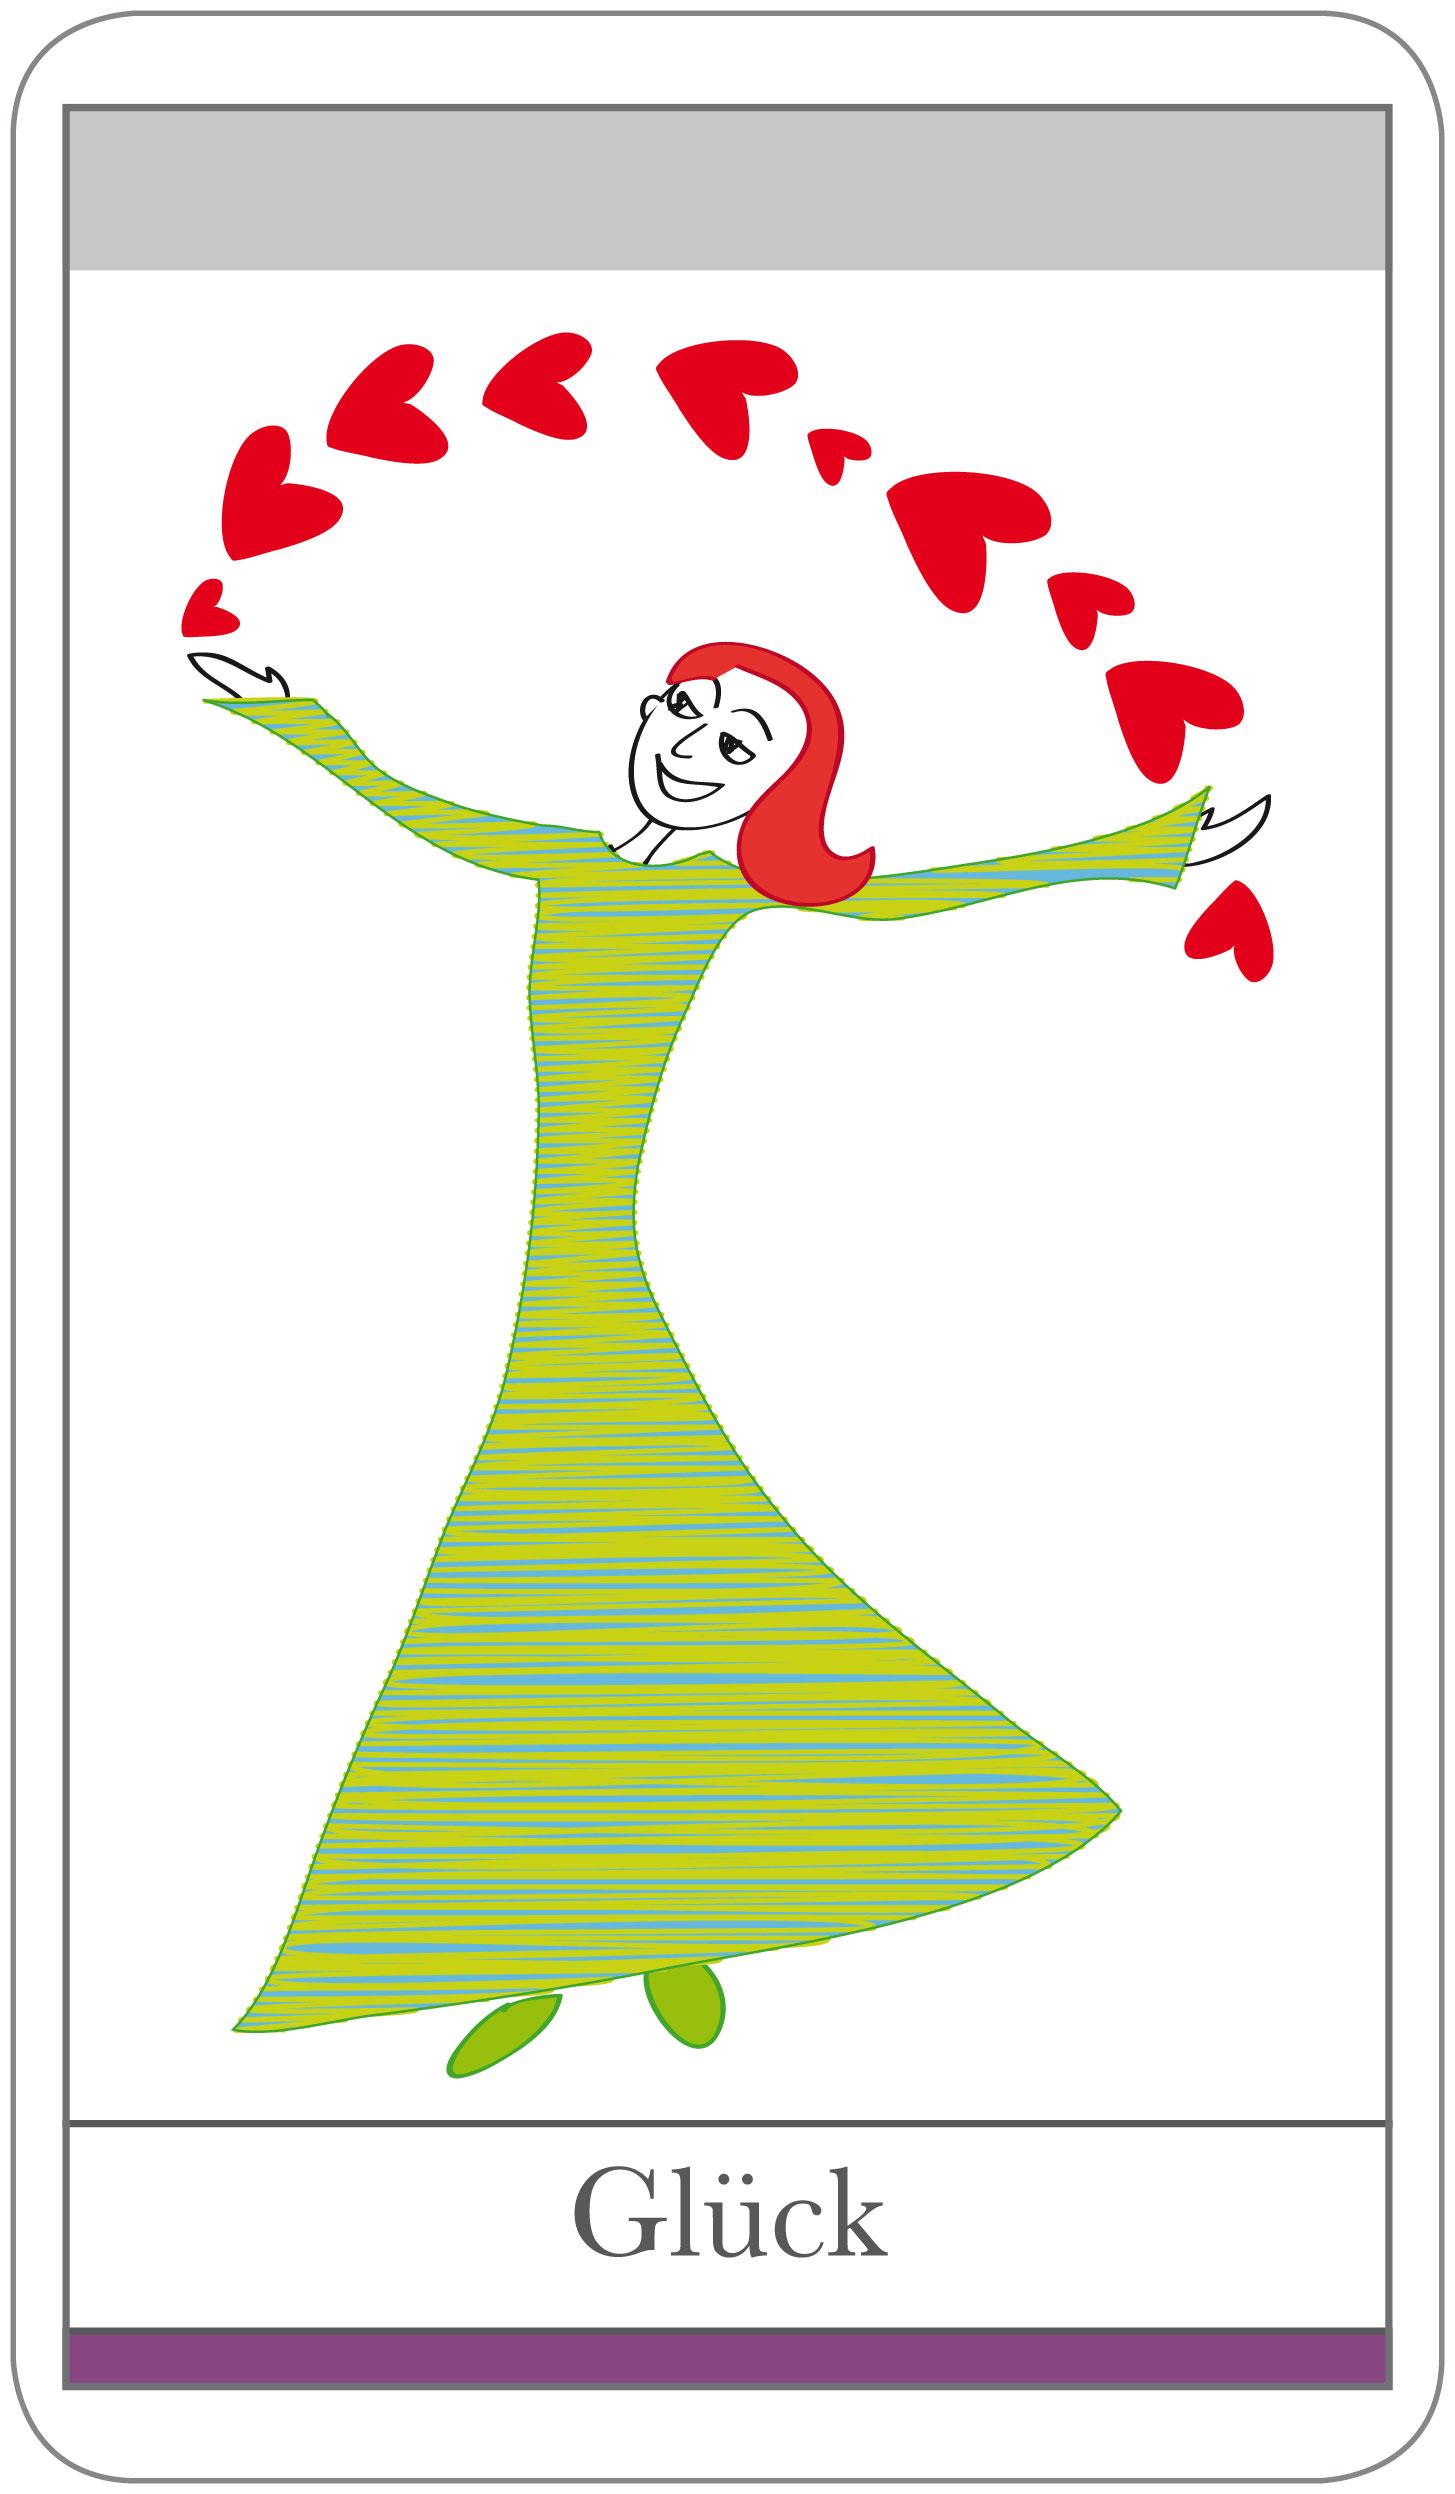 Karten Beziehung: Thema Glück